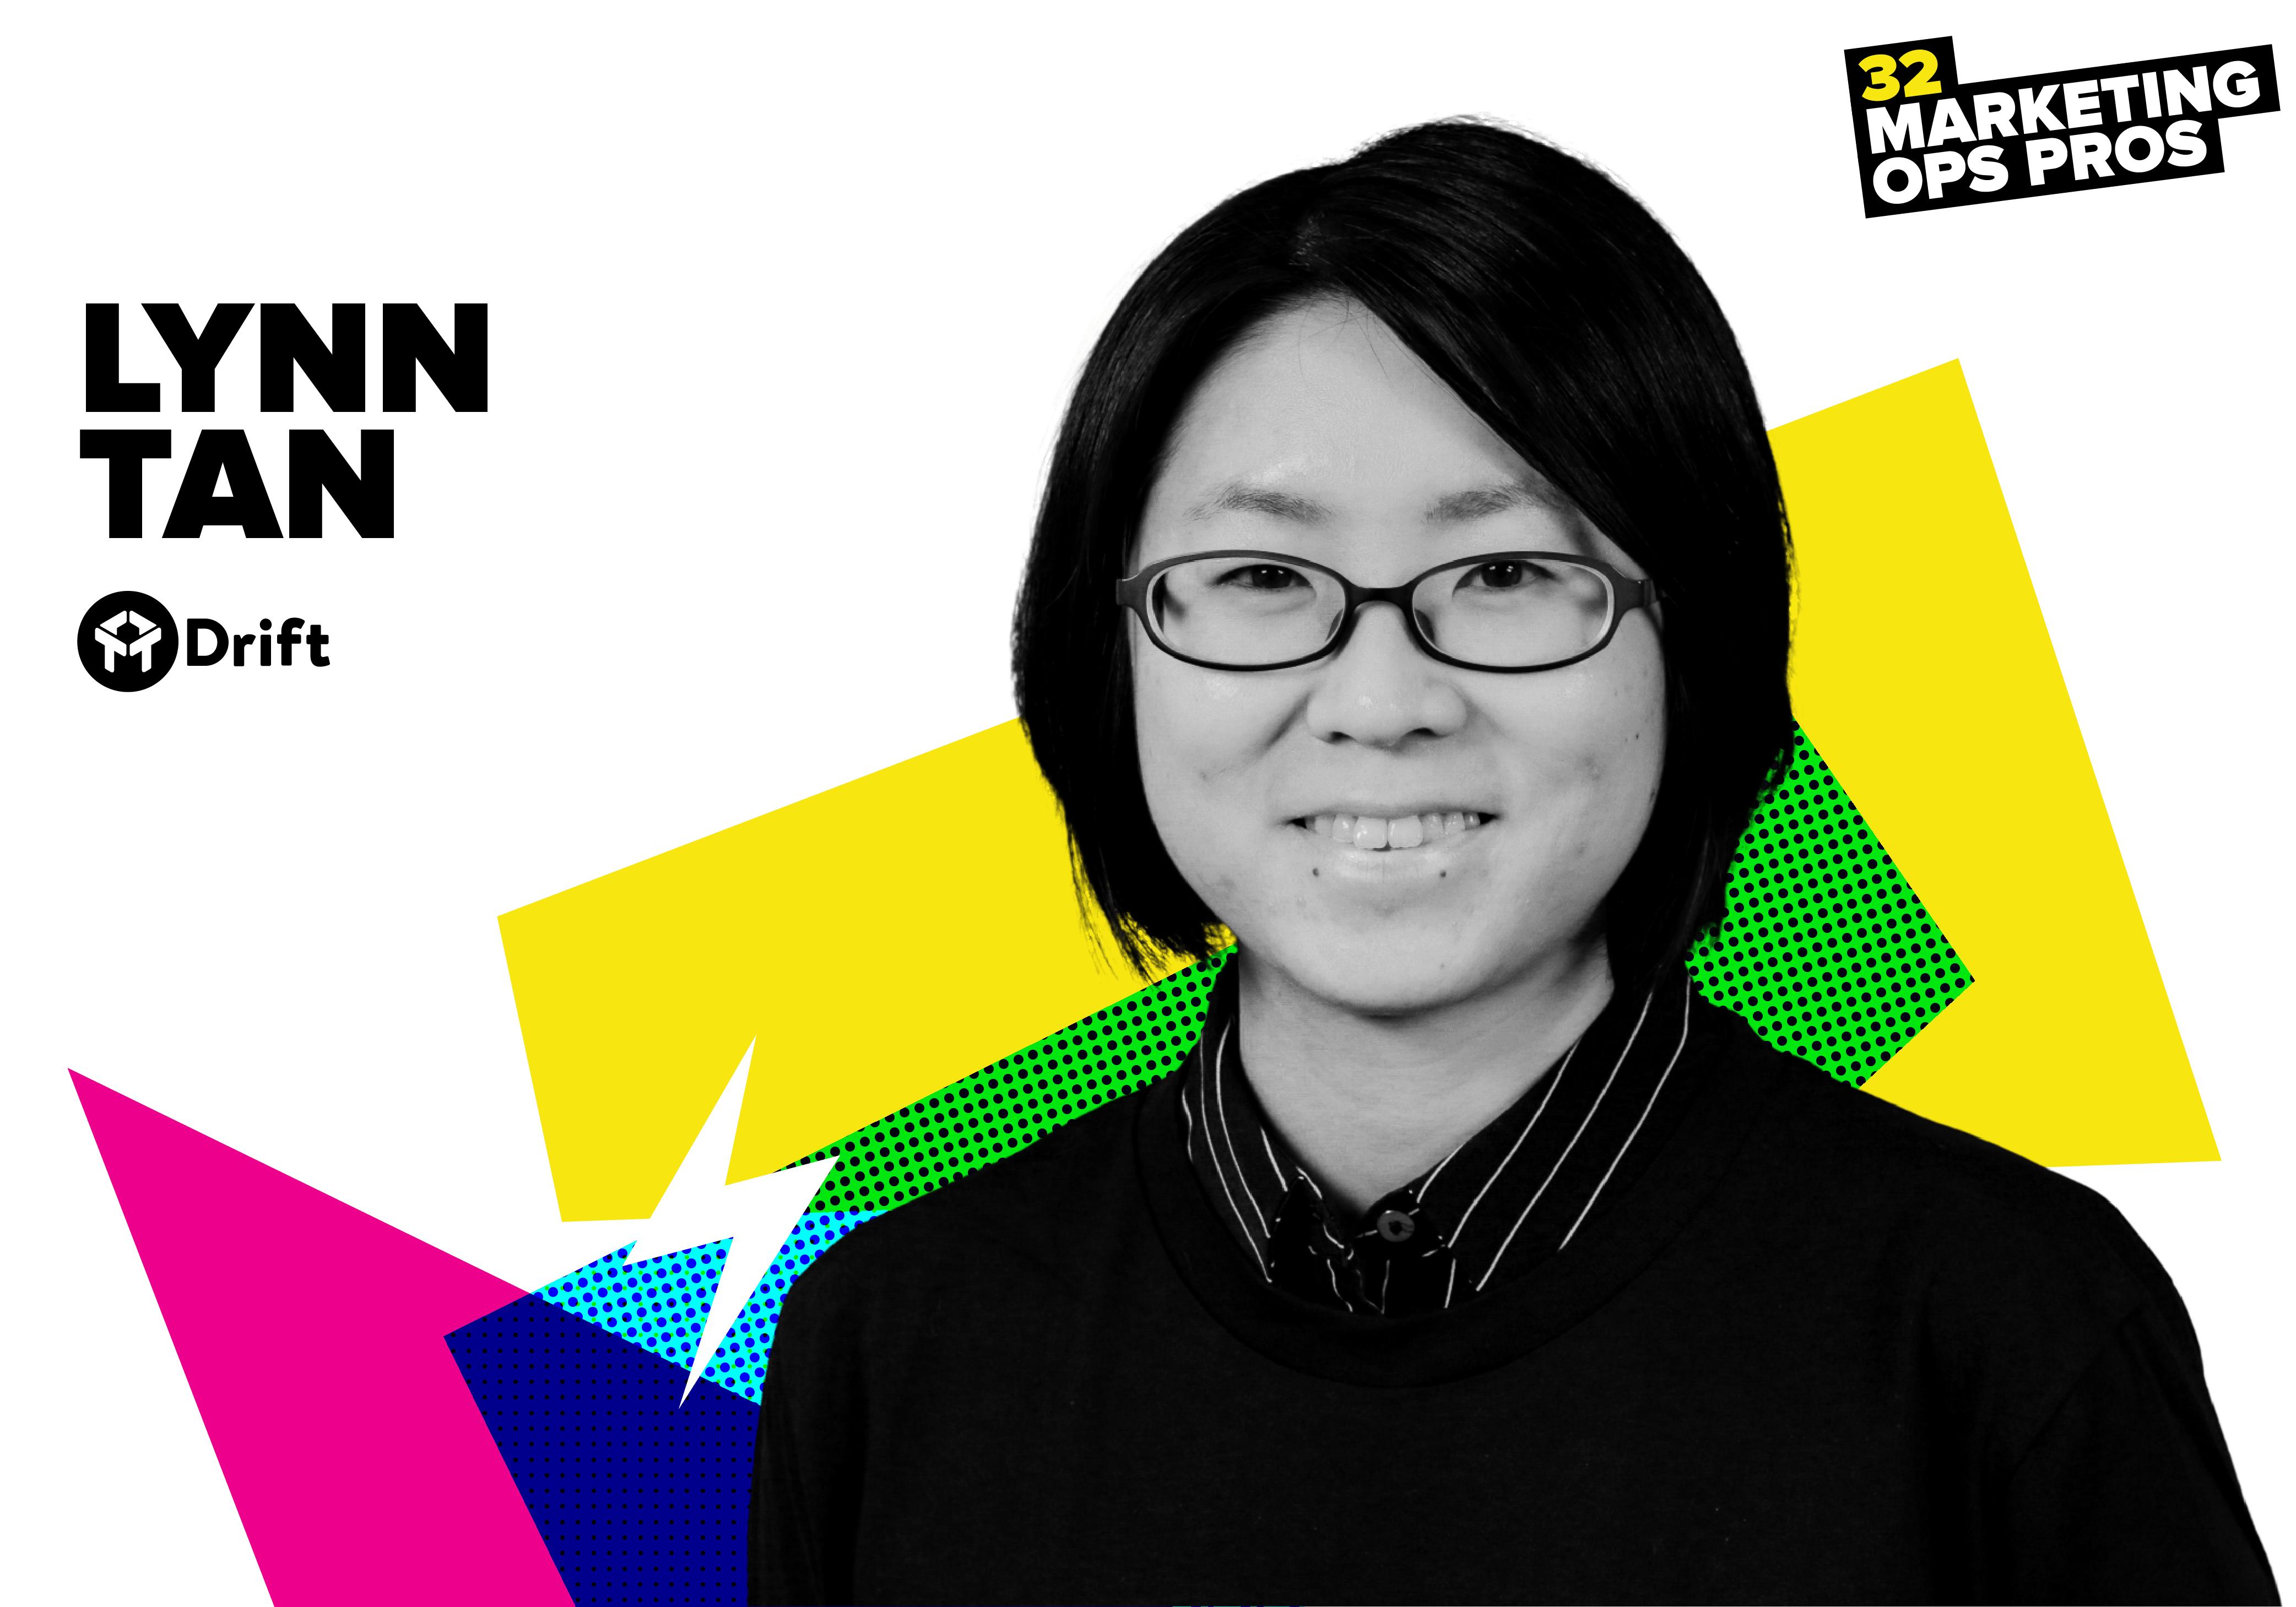 Lynn Tan, Drift